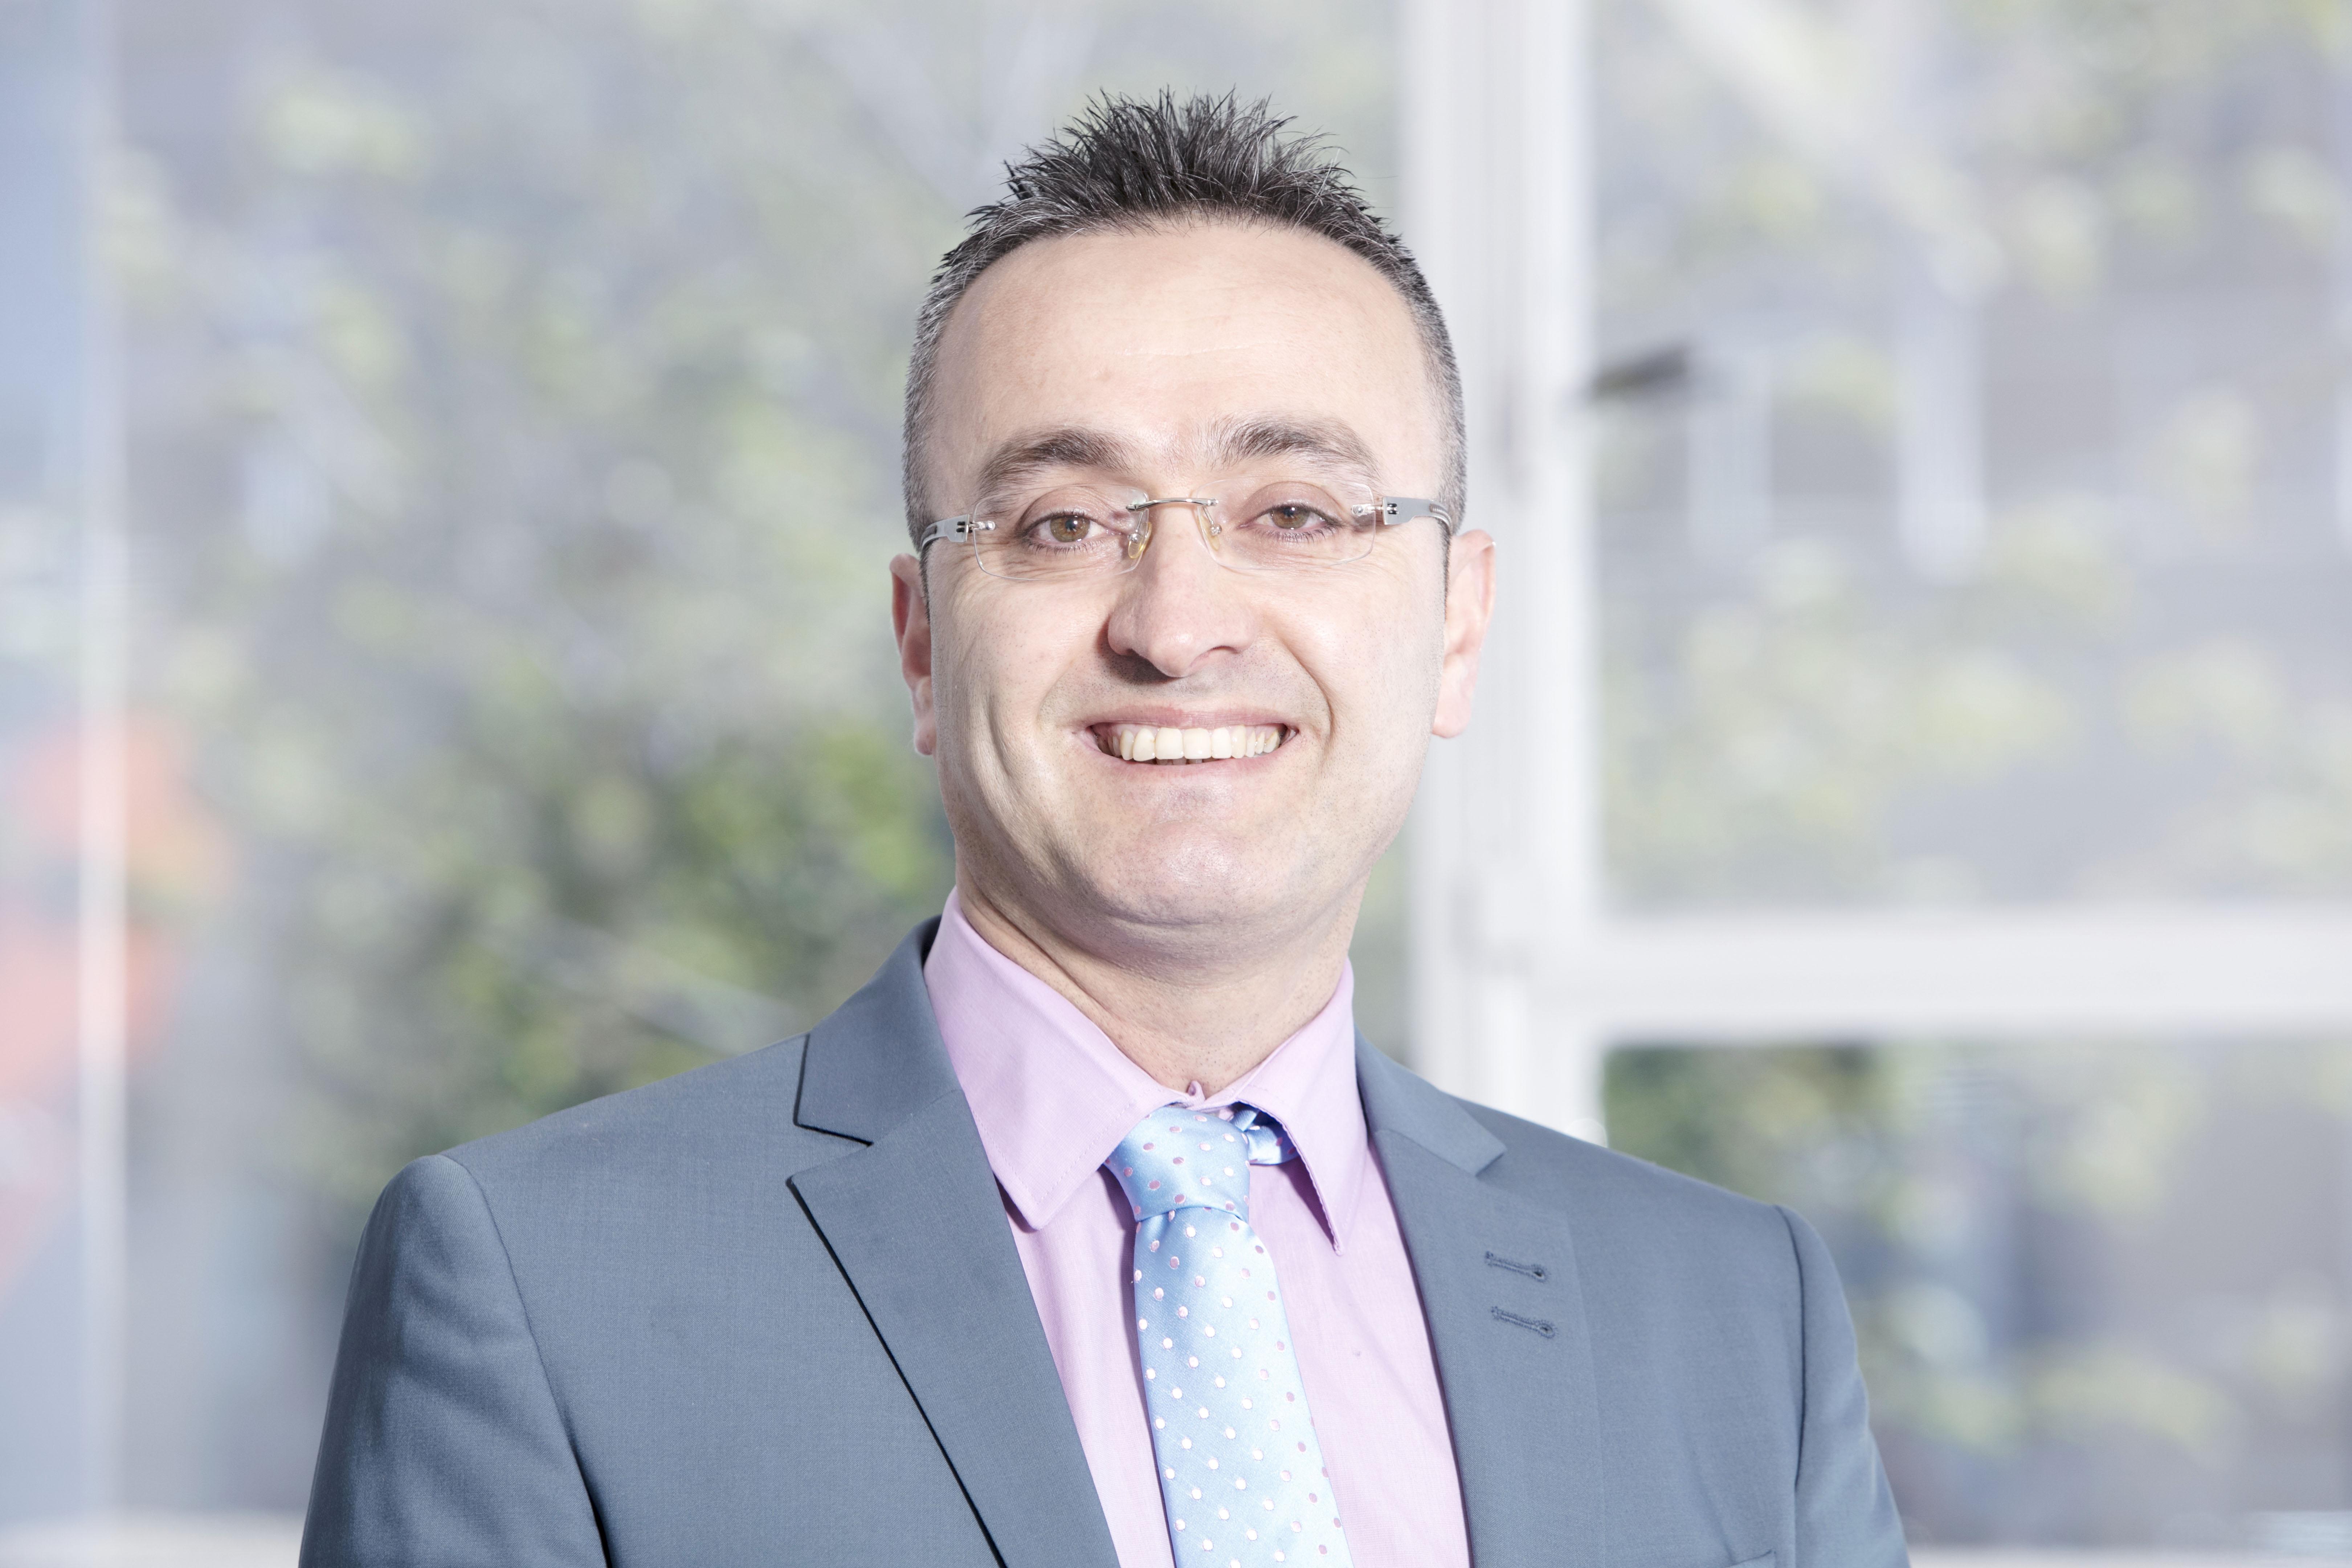 Mohamad Kassem